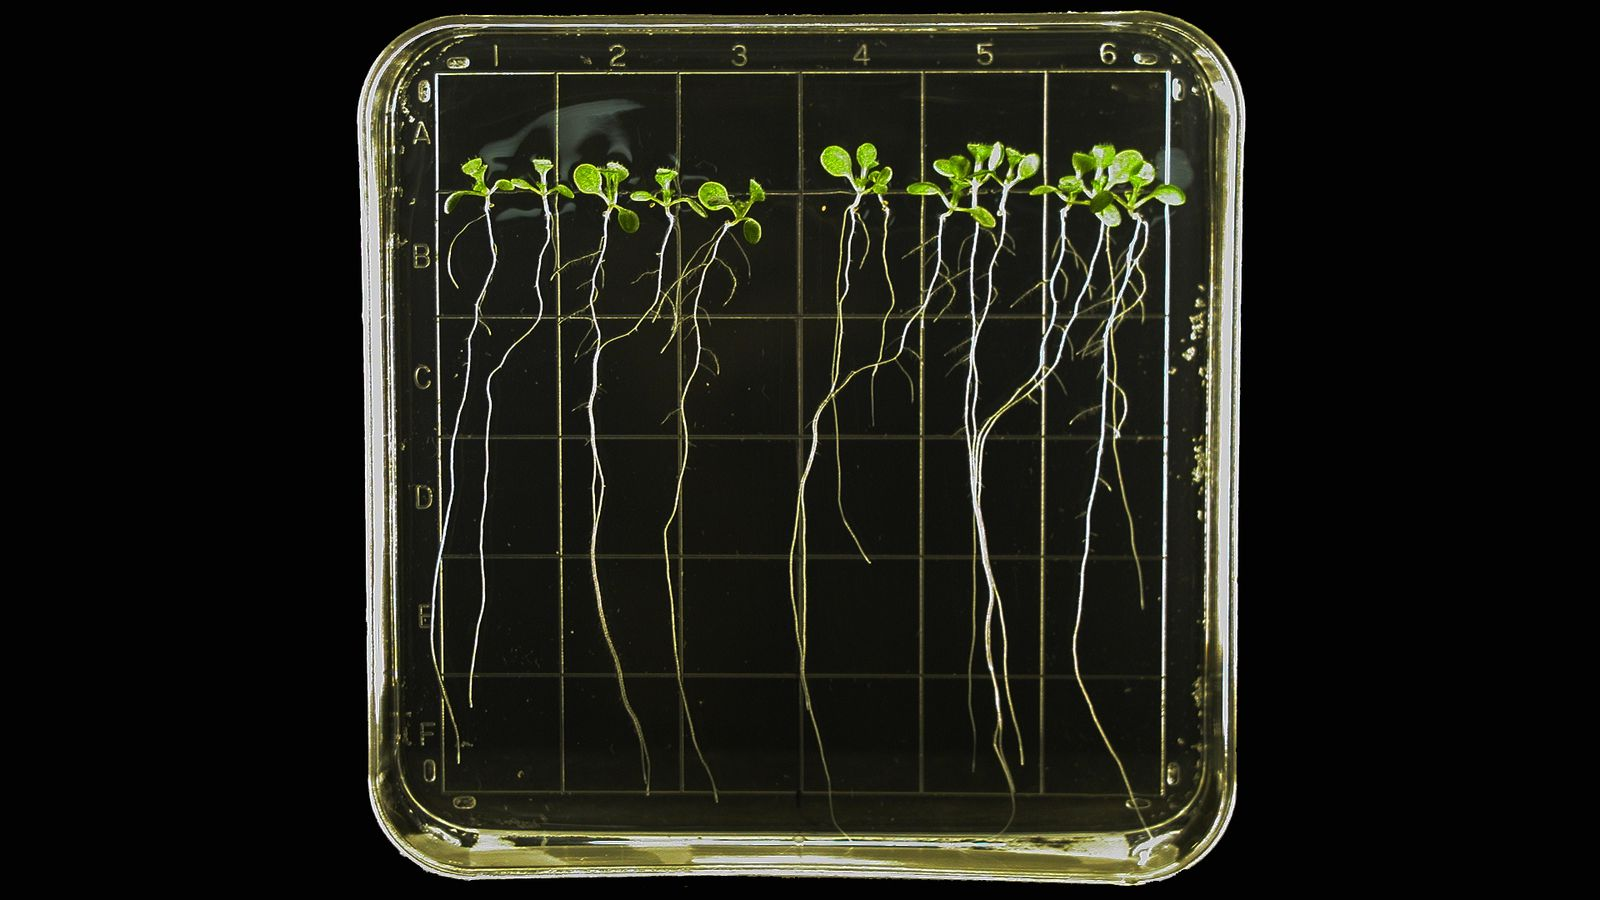 Арабидопсис— хорошо известное модельное растение, используется, вчастности, вкосмических исследованиях.